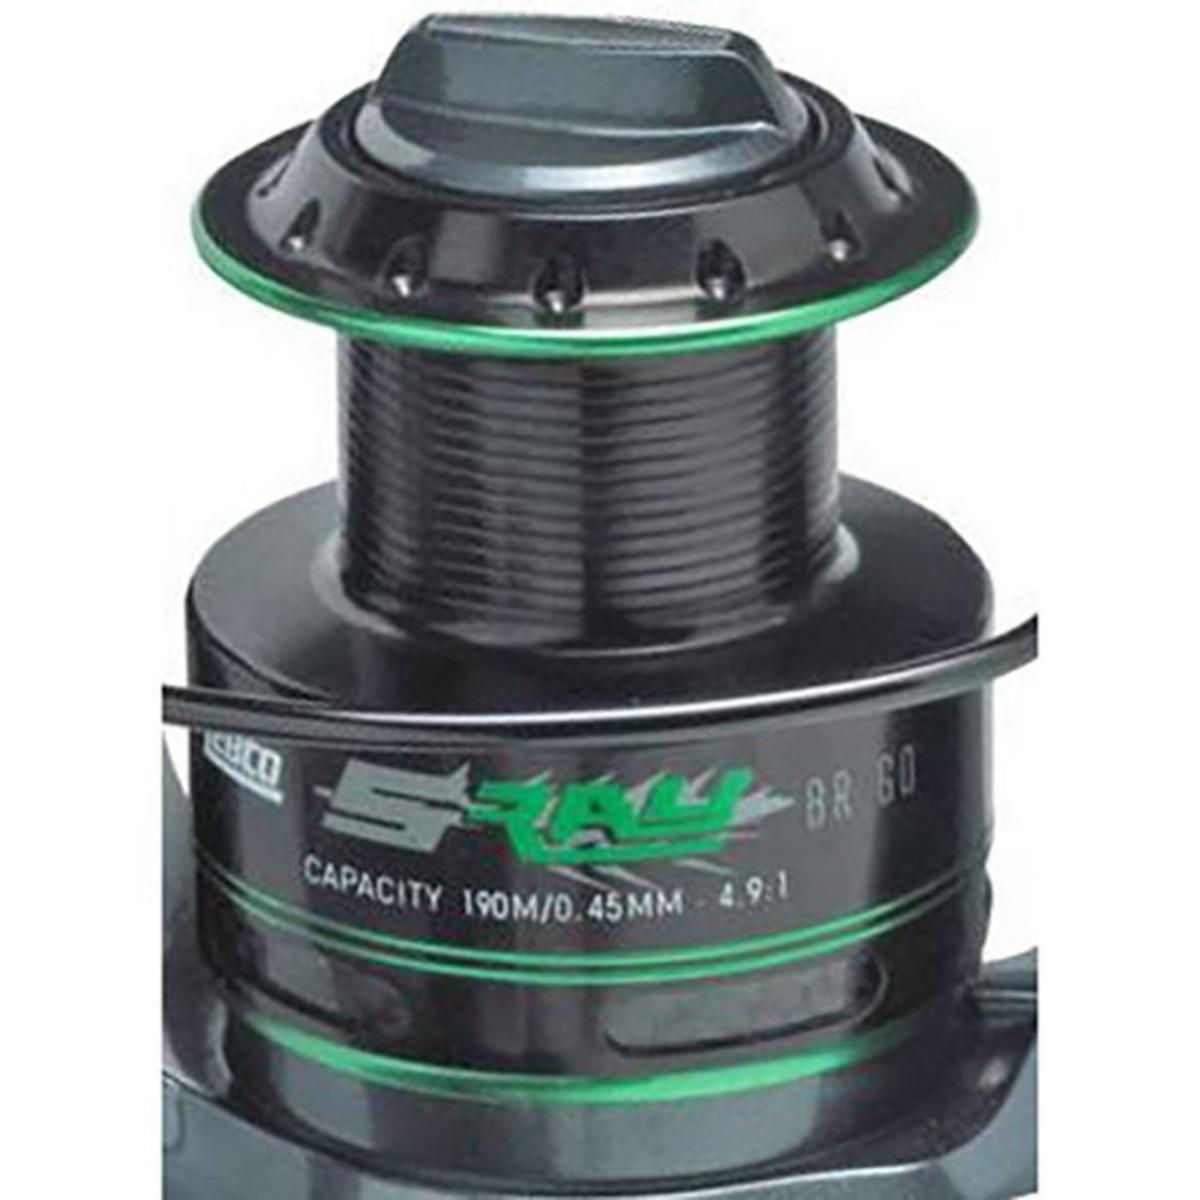 Zebco Ersatzspule S-Ray Br - 4000 - Aluminium